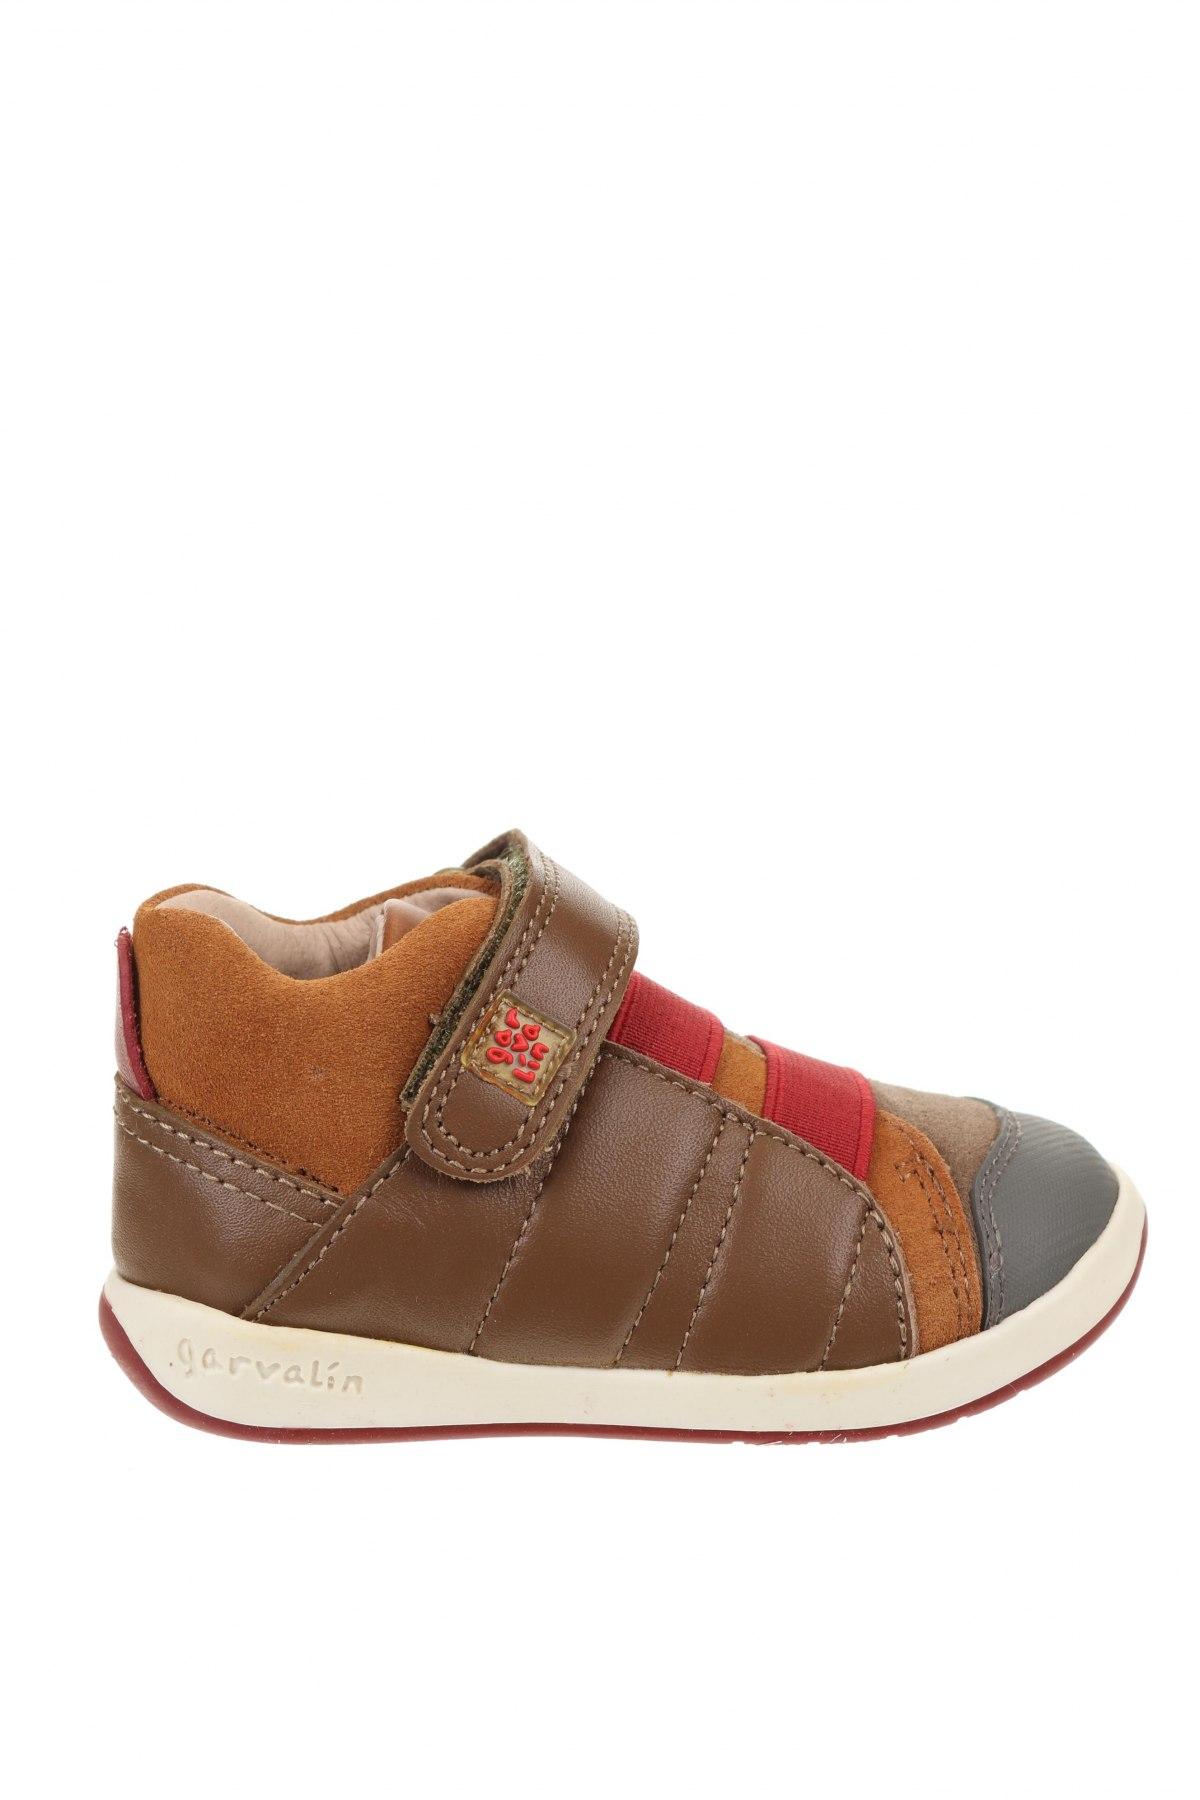 Детски обувки Garvalin, Размер 21, Цвят Многоцветен, Естествена кожа, естествен велур, Цена 24,00лв.